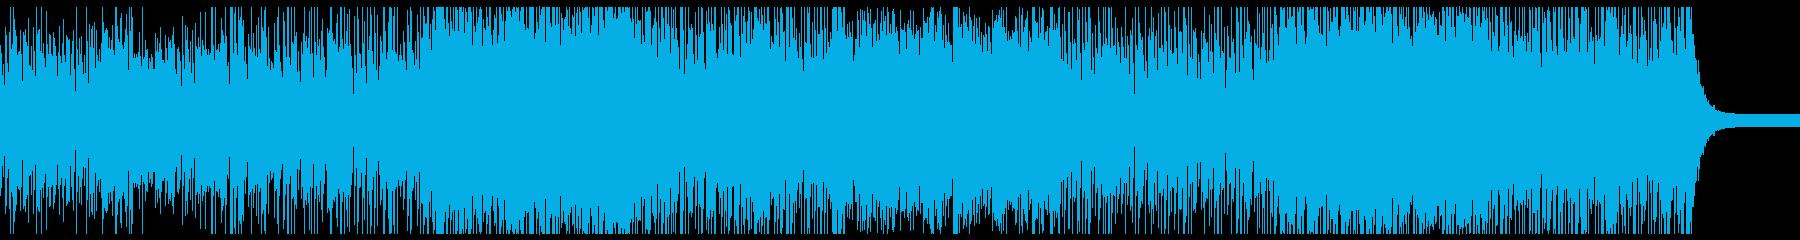 不思議な朝の音楽の再生済みの波形